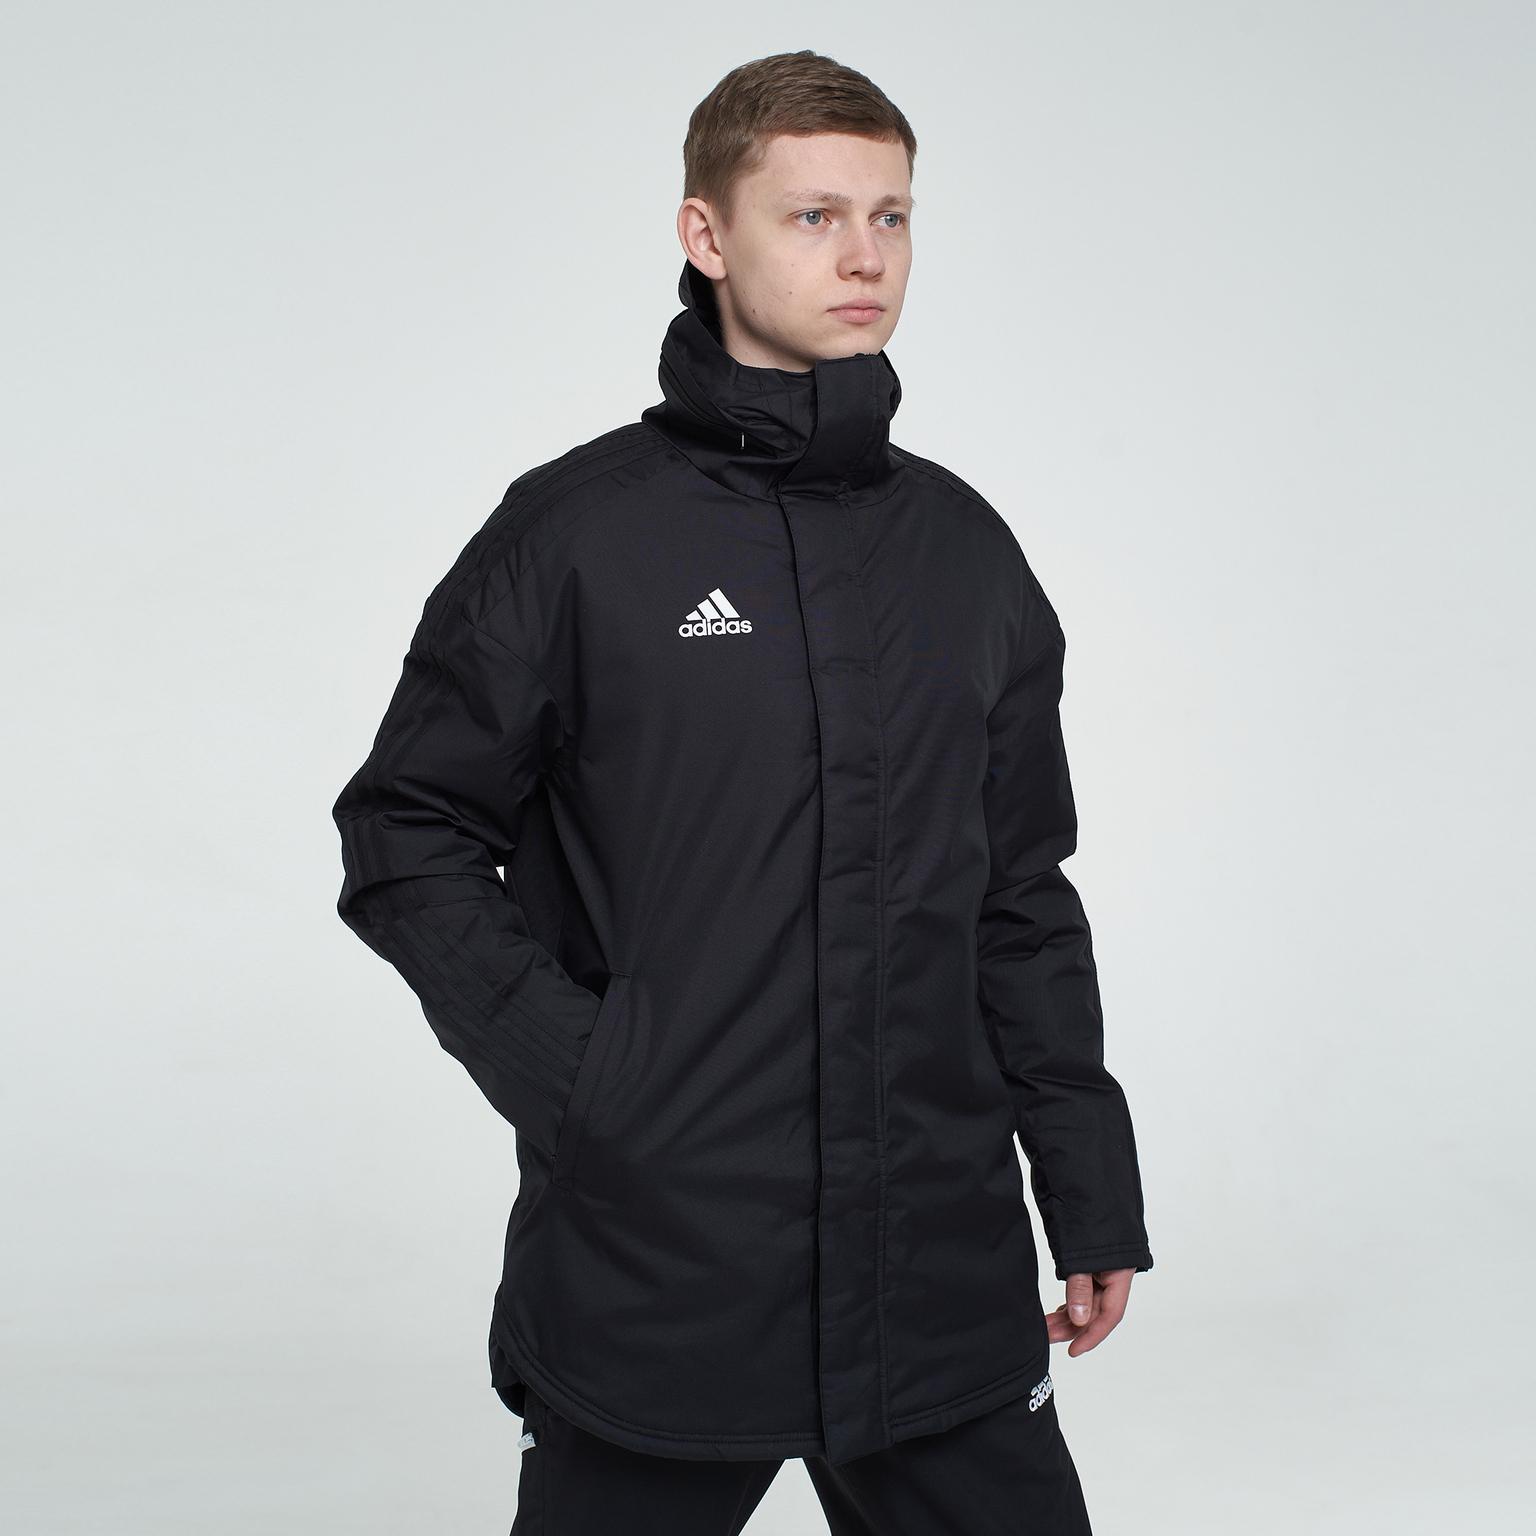 Куртка утепленная Adidas JKT18 STD Parka BQ6594 куртки пуховики adidas куртка утепленная adidas con 16 std jkt ab3150